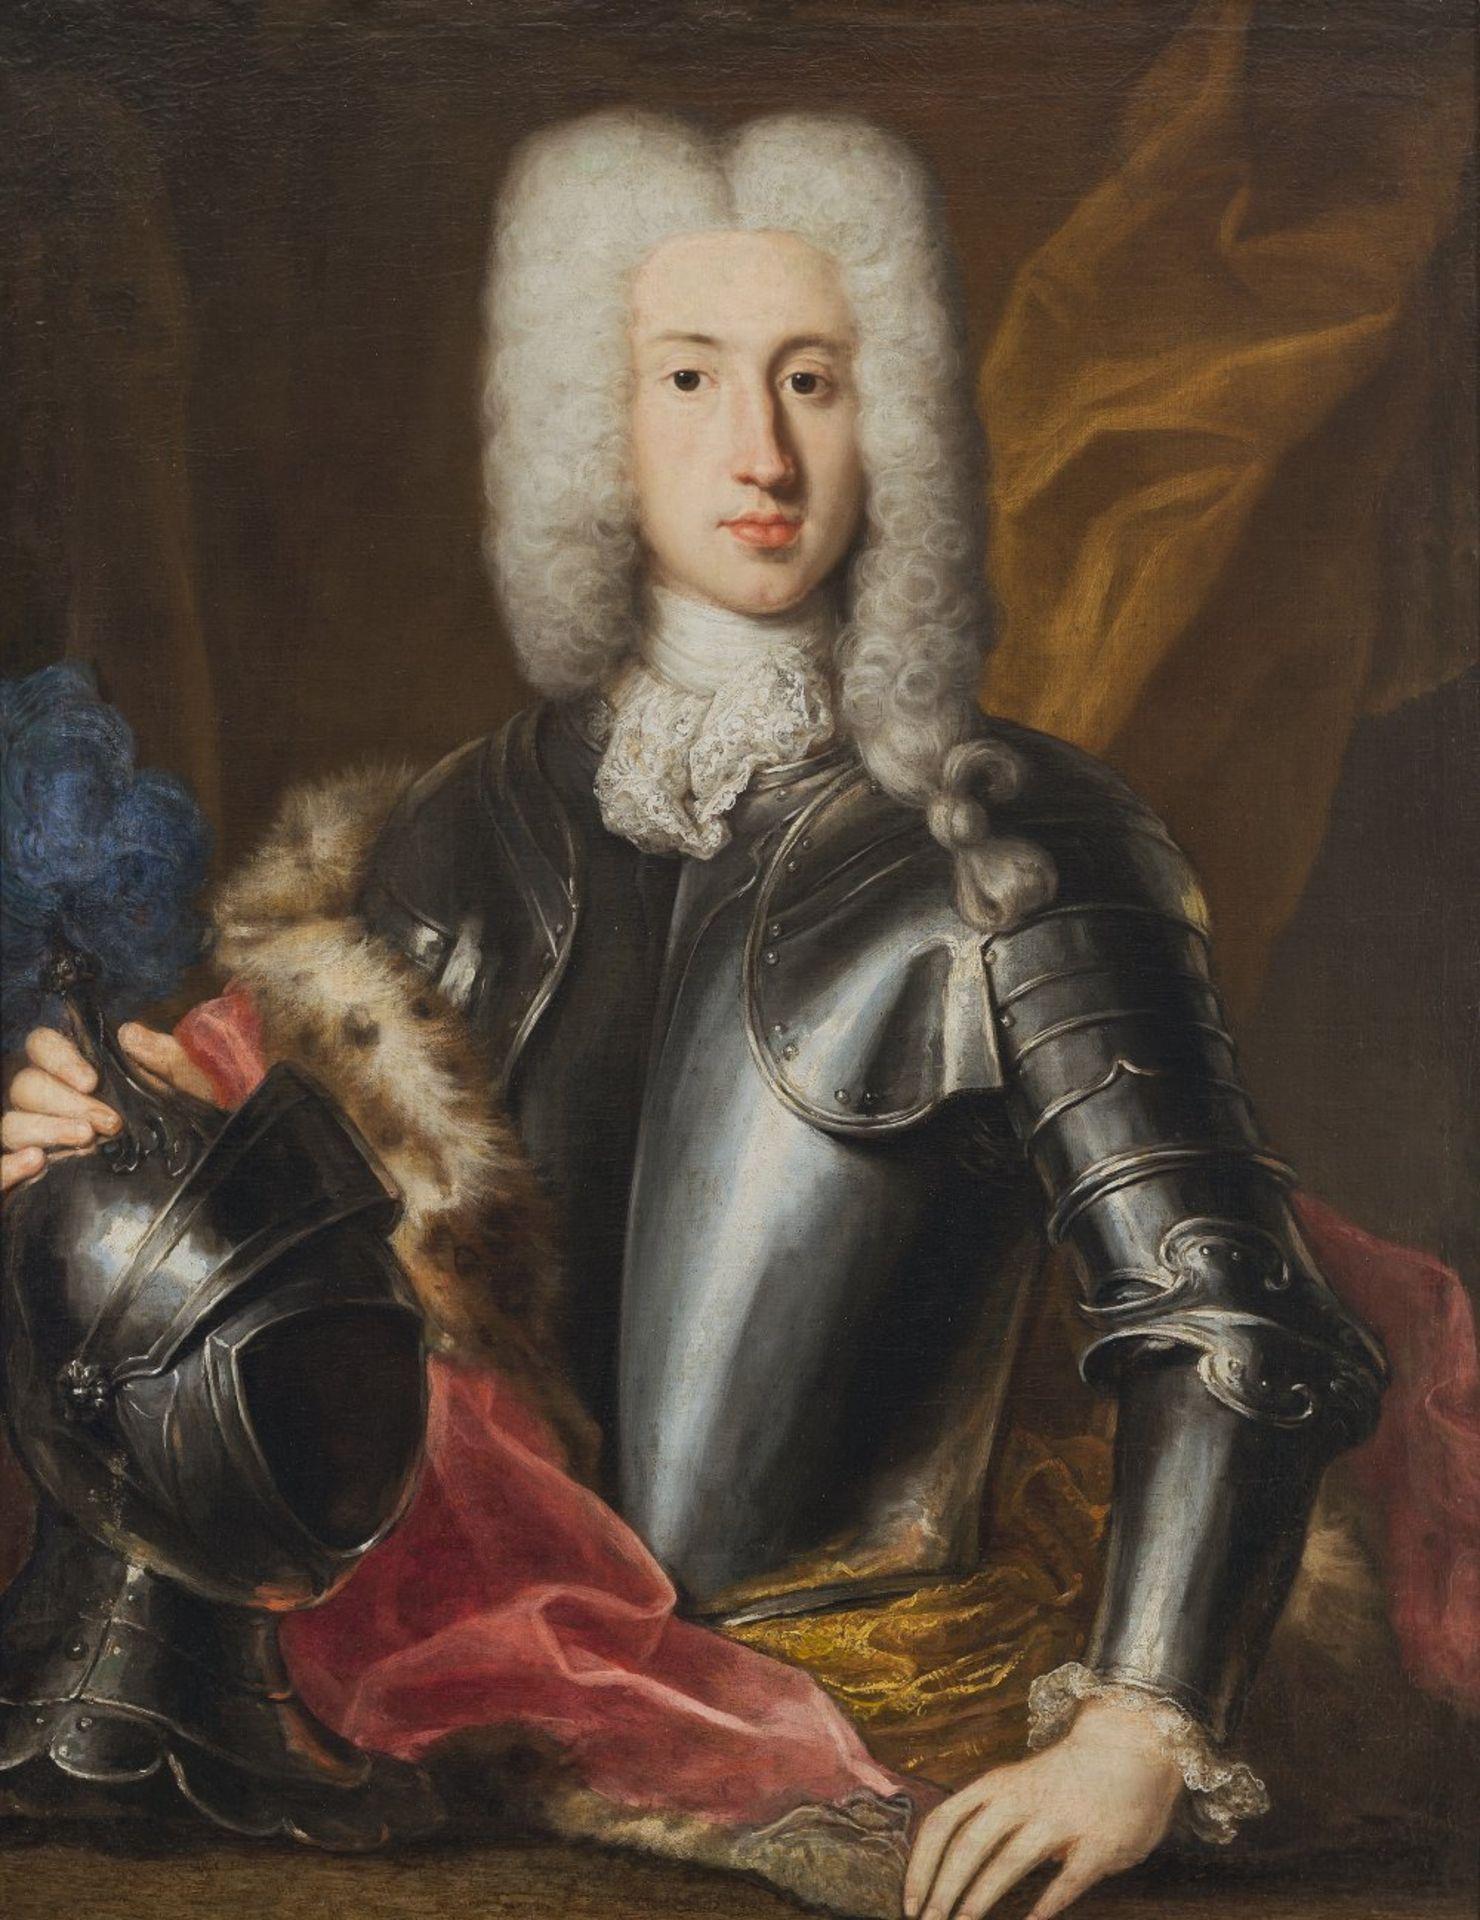 Frankreich, 17. Jh.Porträt eines Fürsten in Rüstung. Öl/Lw. 94 x 74 cm. Rest., doubl. Unsign.France,